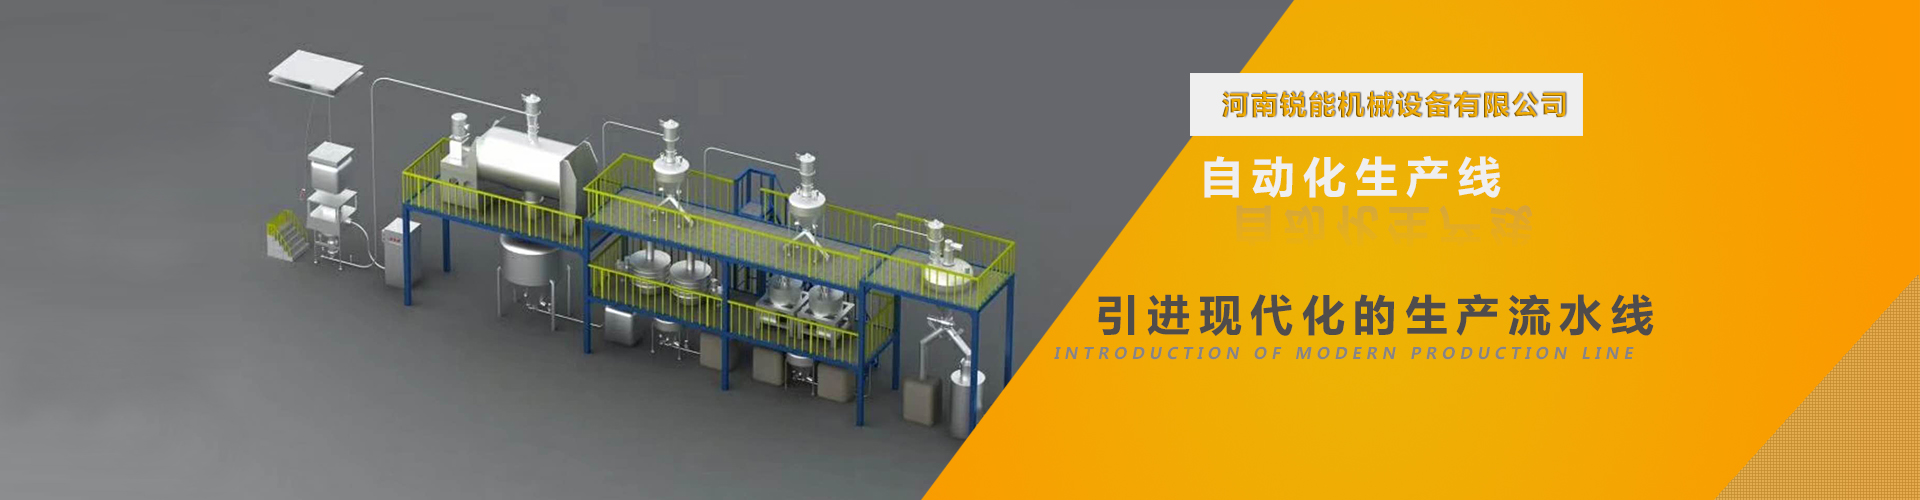 河南必威官方电脑版机械设备有限公司